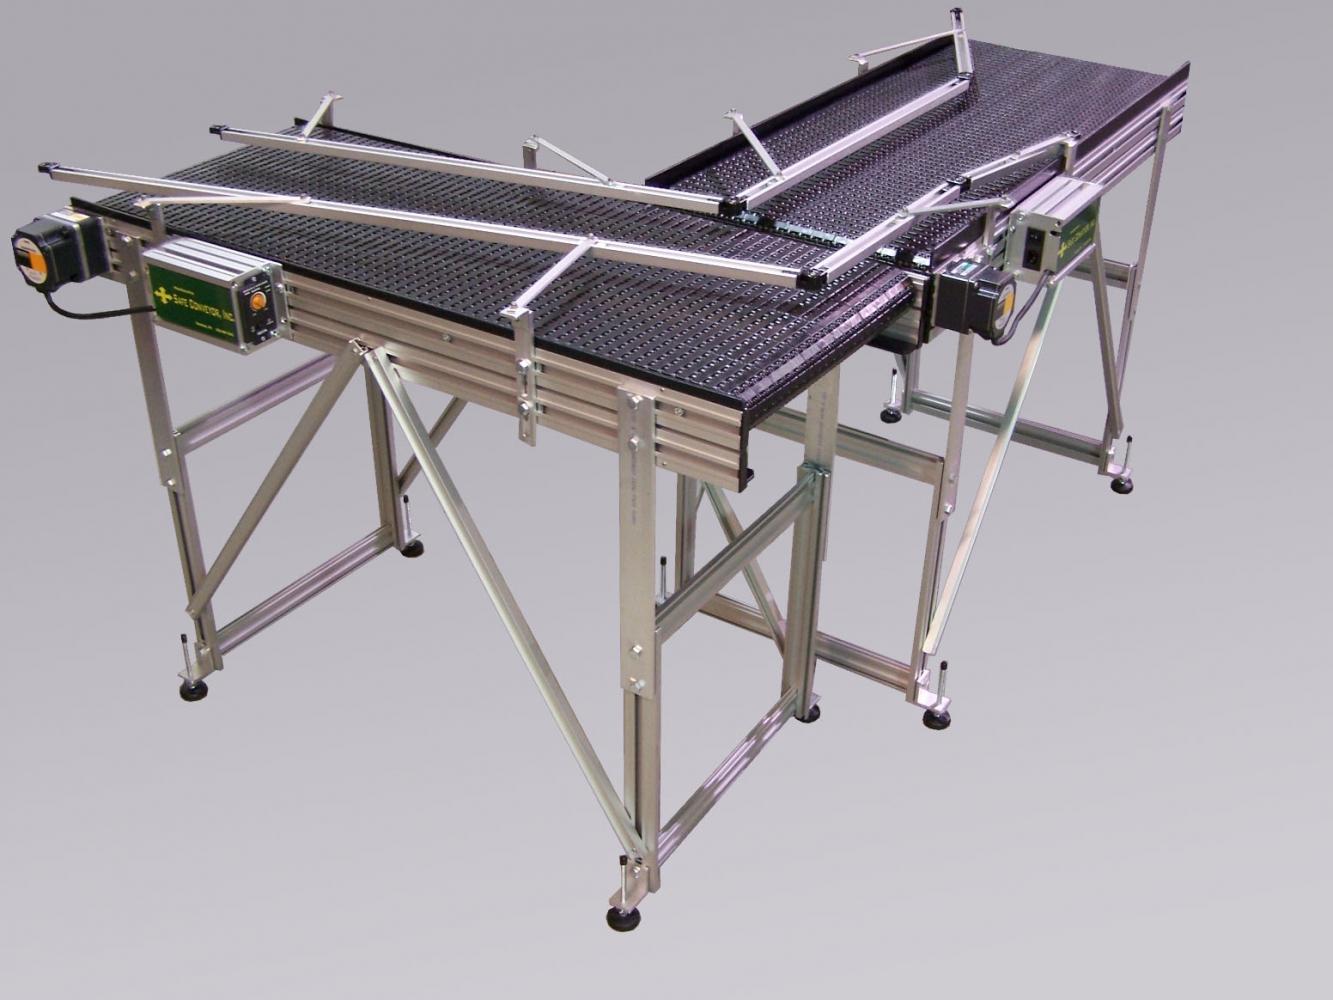 Adjustable Height Conveyor Stands